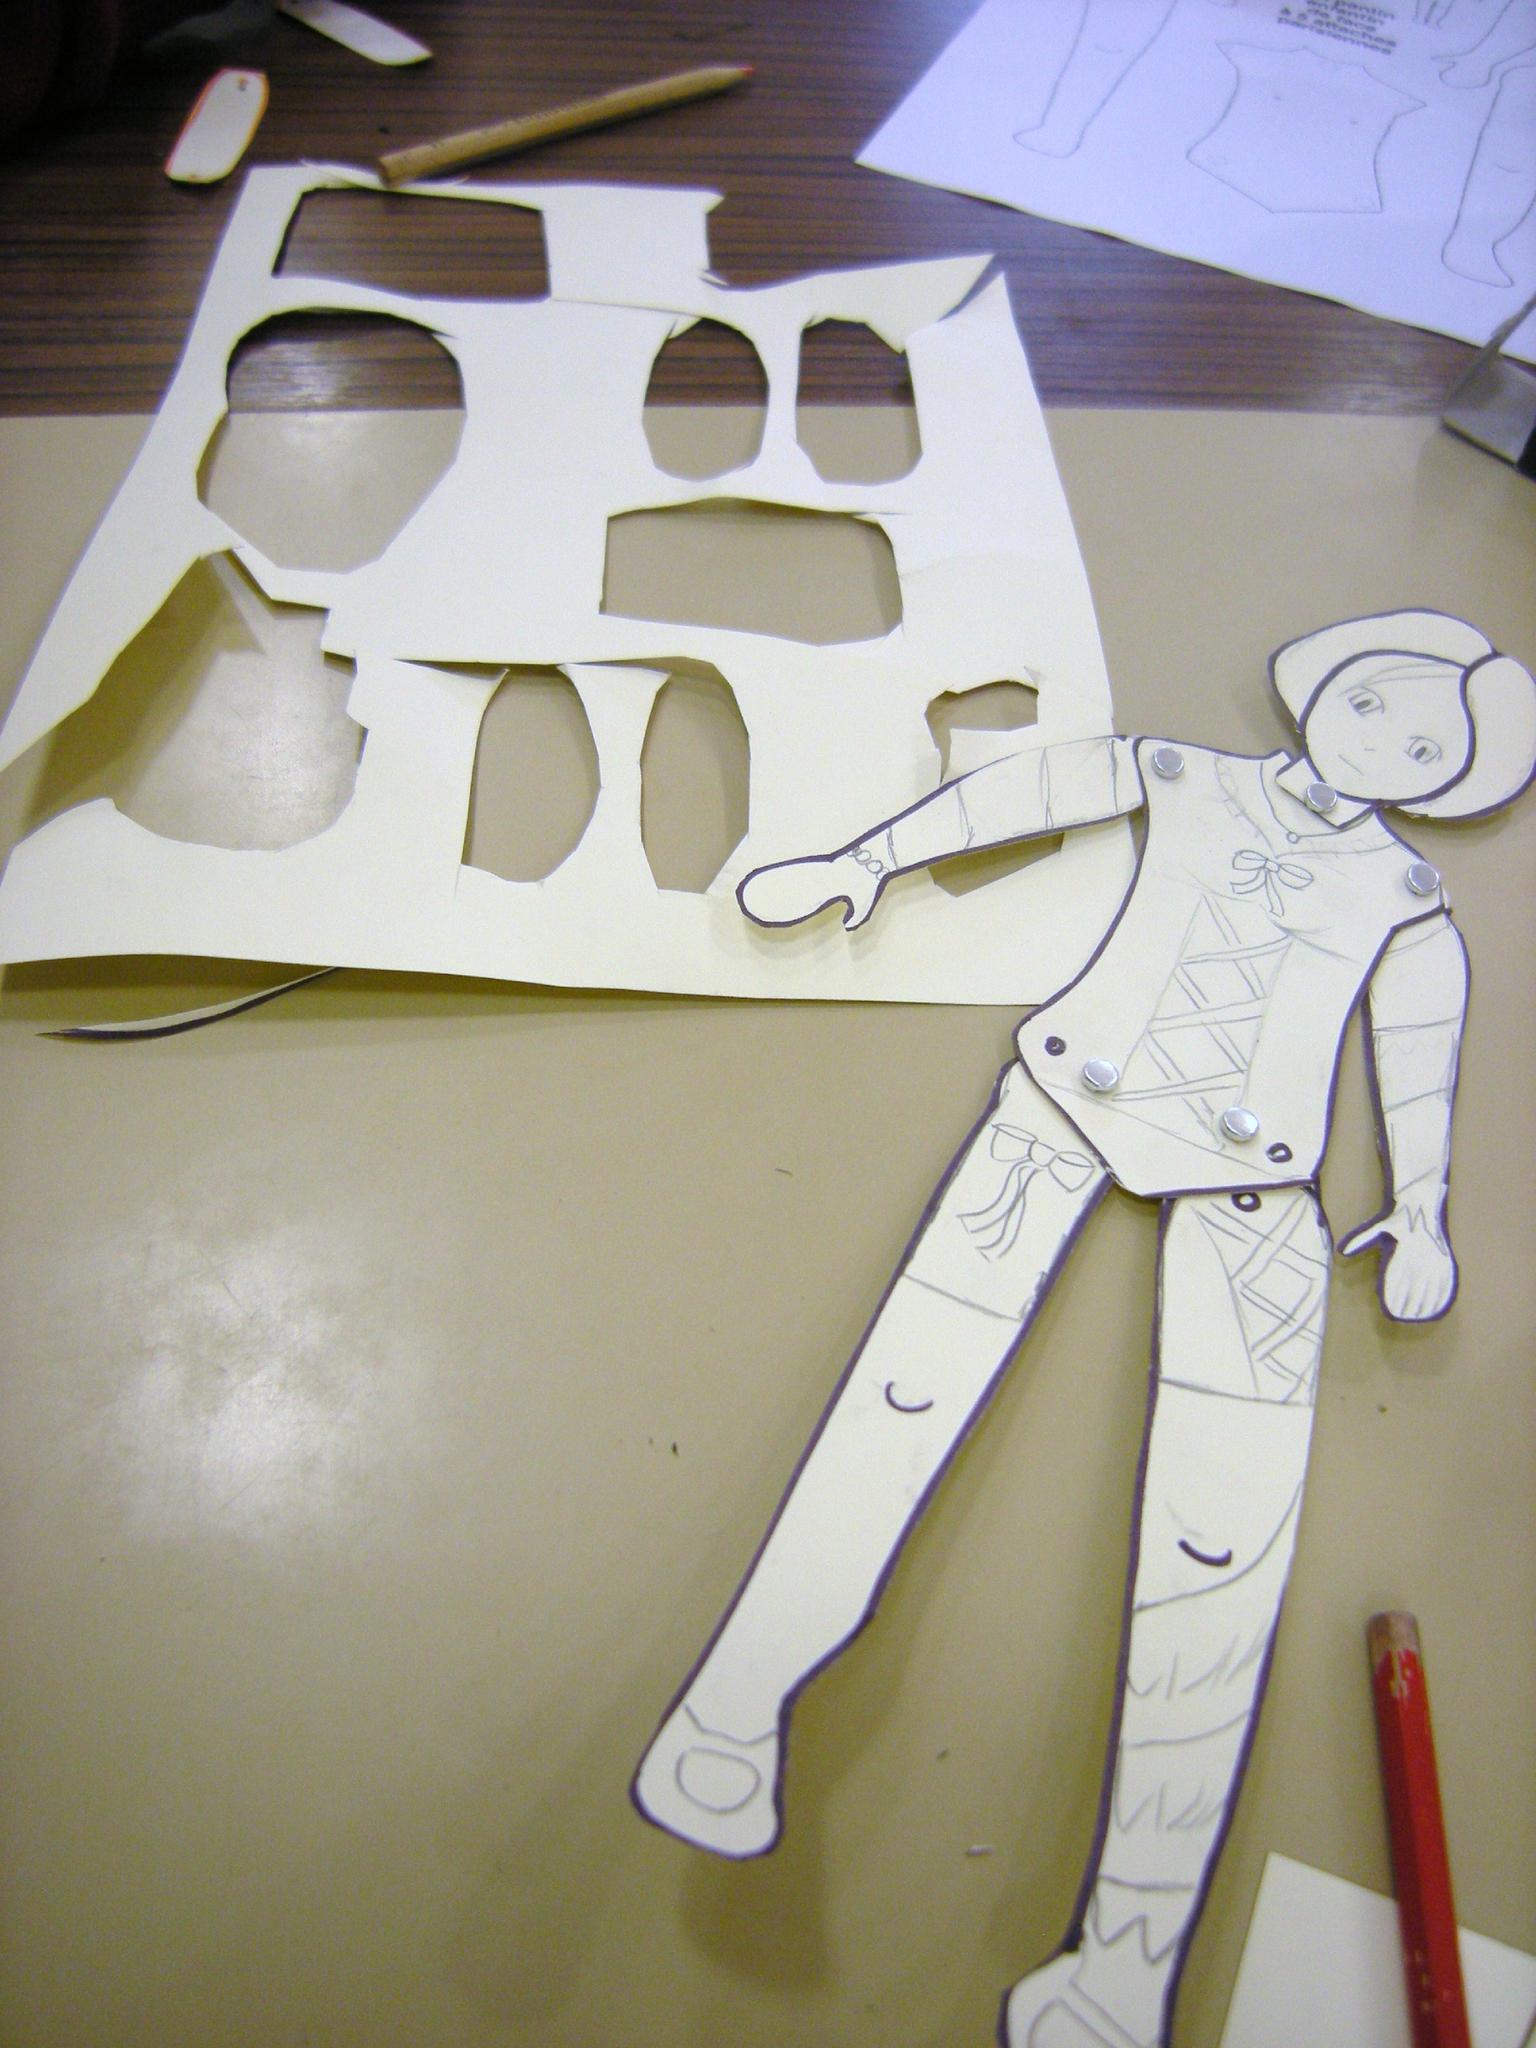 Fabrication De Pantins Articules En Carton Par Les Enfants destiné Pantins Articulés À Imprimer